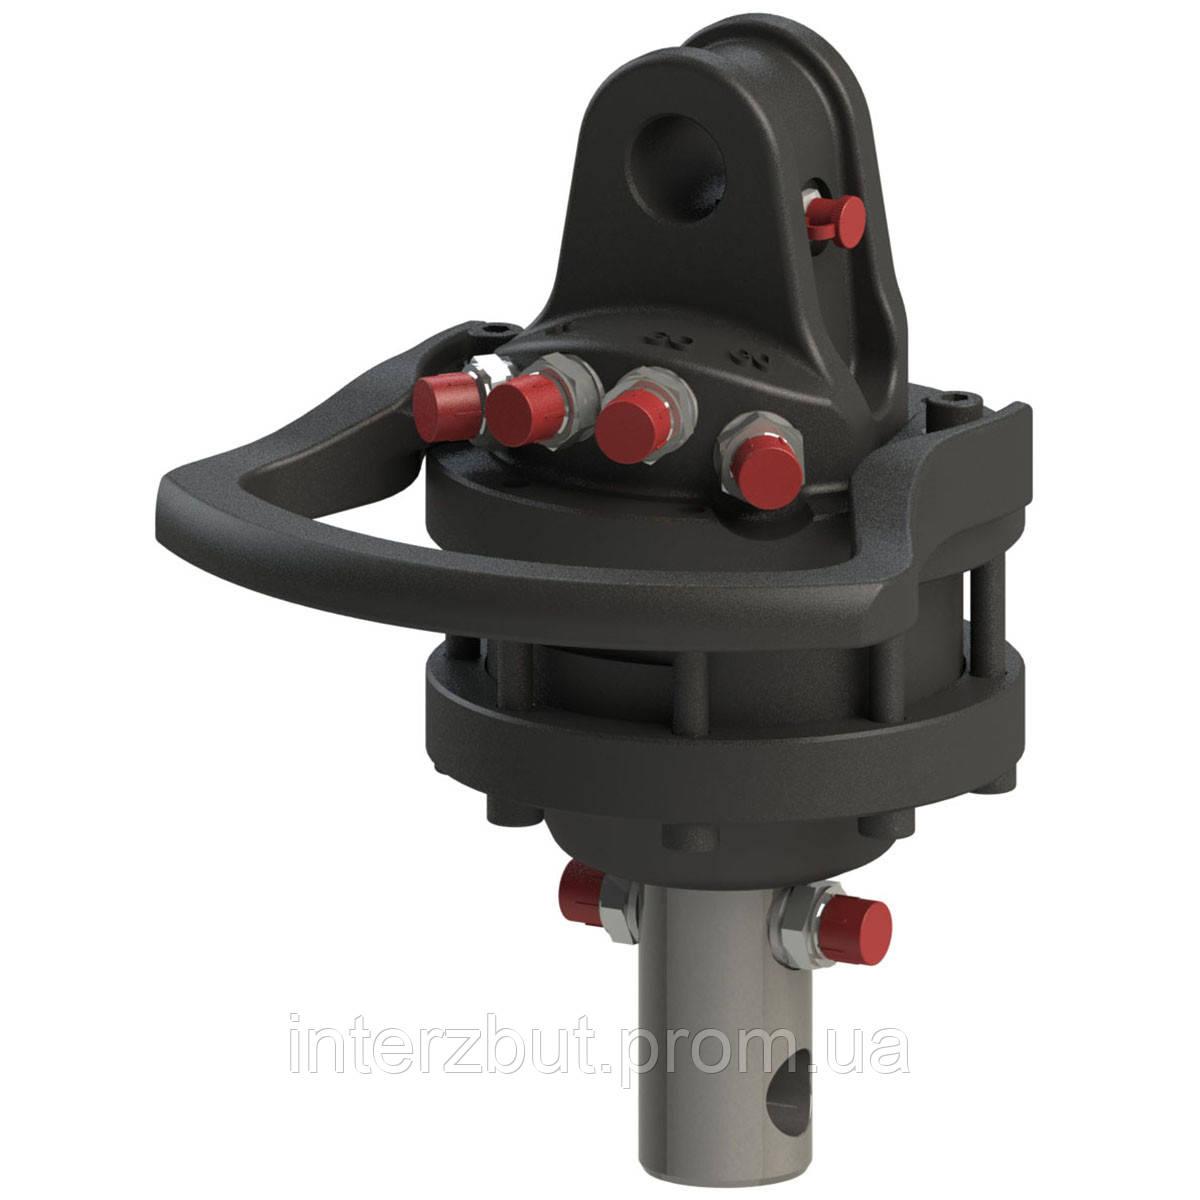 Ротатор гідравлічний 3t / Ротатор гидравлический 3t